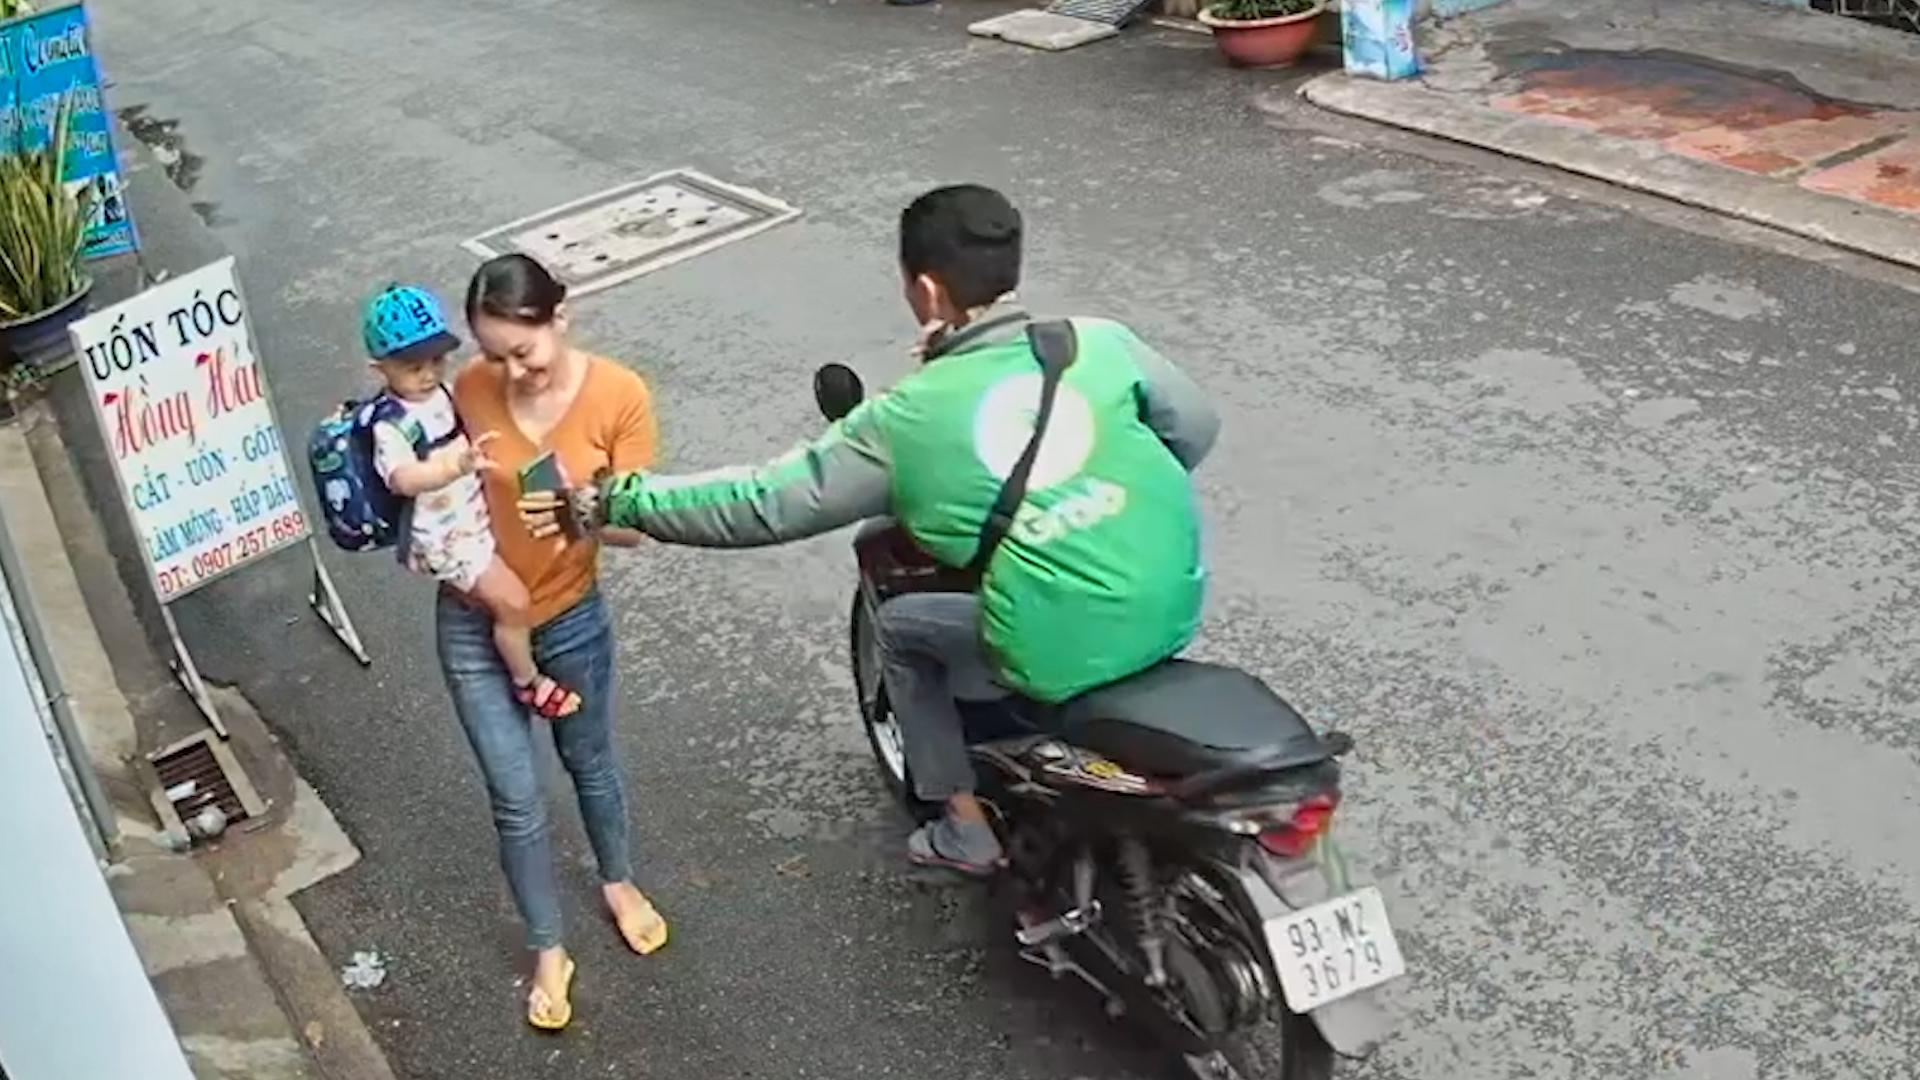 Thanh niên cướp điện thoại người phụ nữ đi bộ